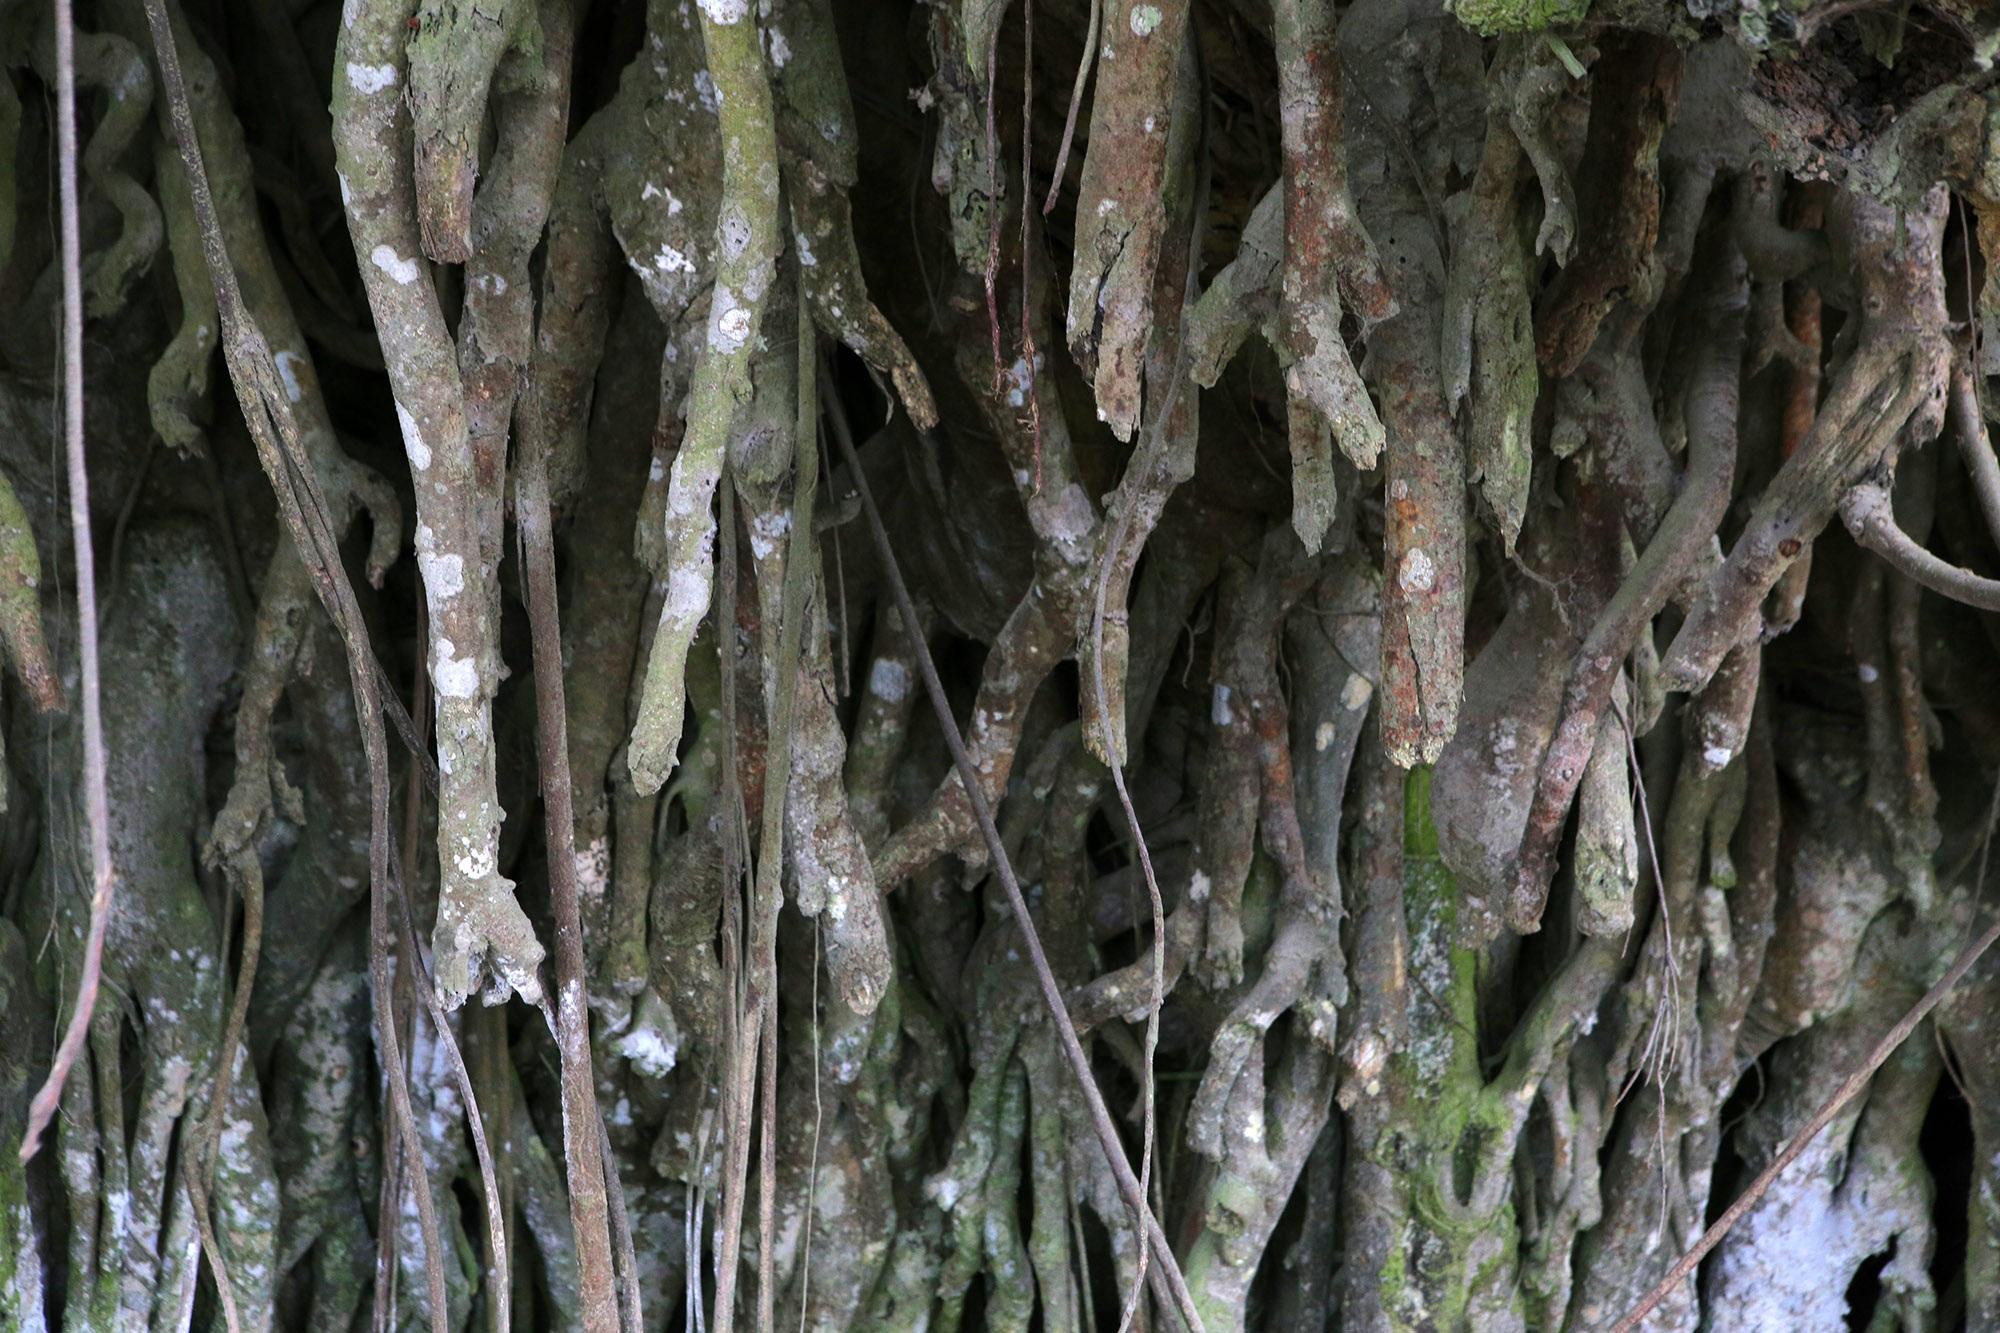 Chuyện ít người biết về cây đa khổng lồ ở xã Viên Nội - 9